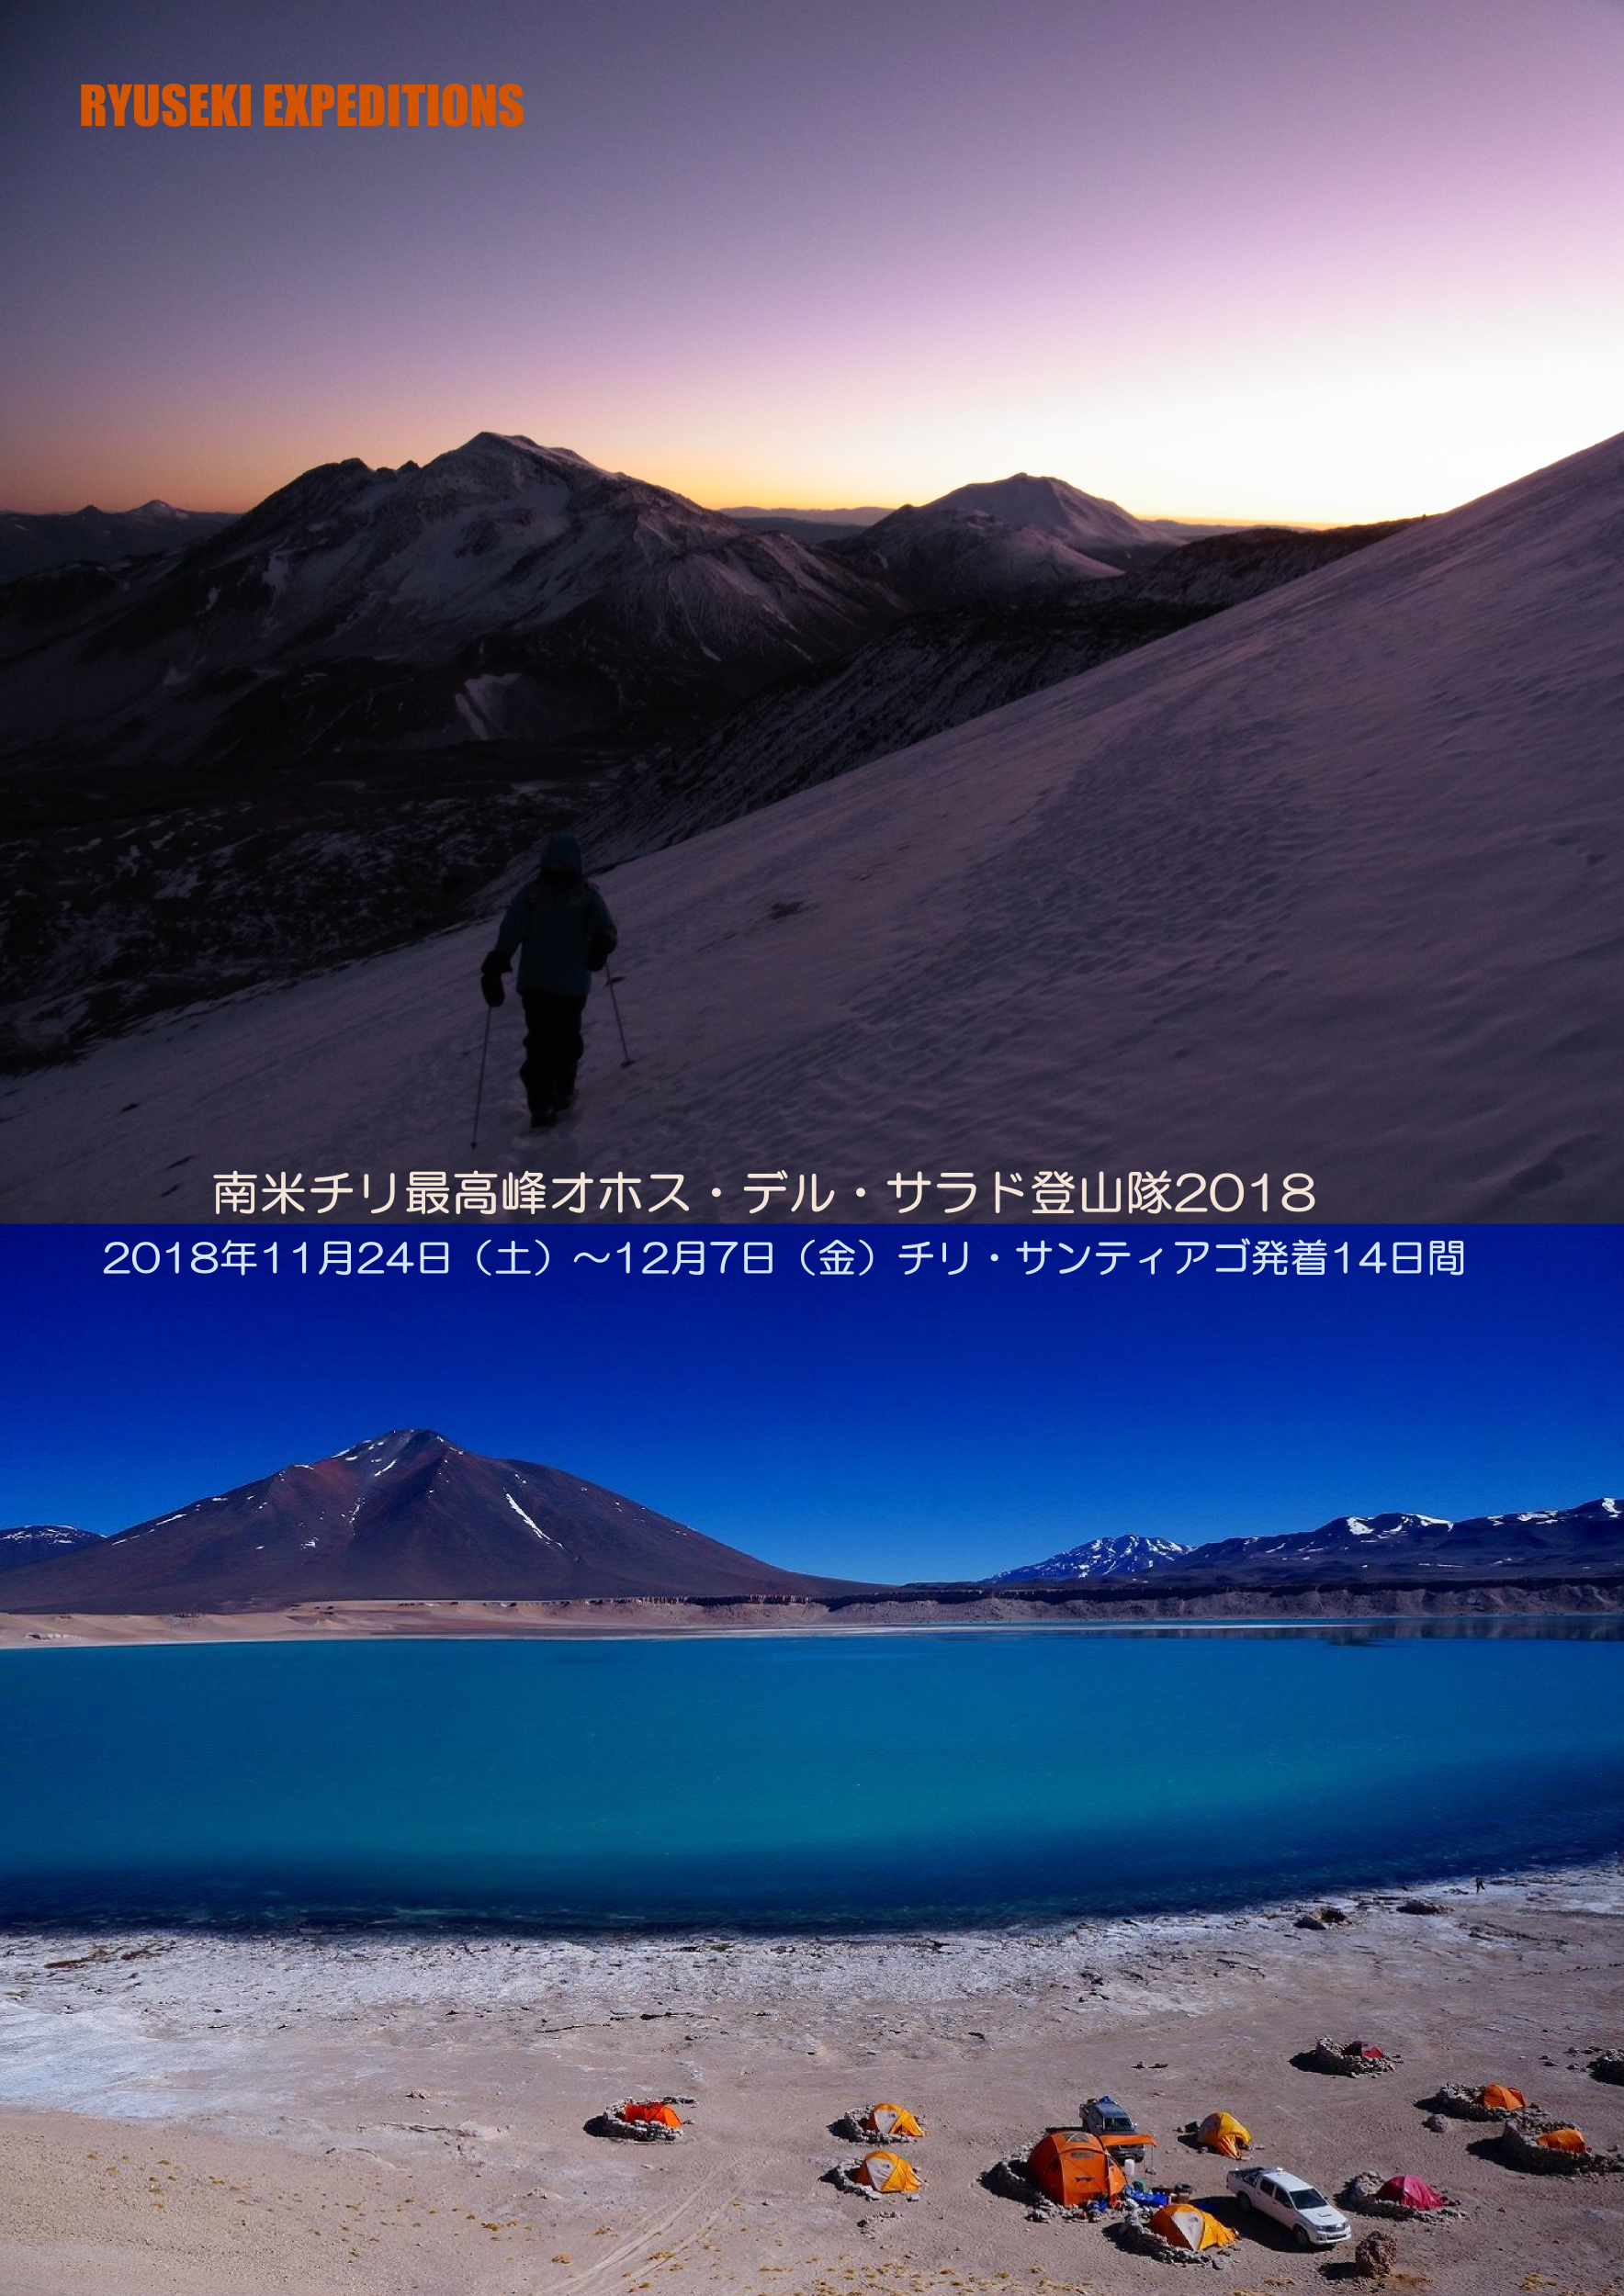 南米チリ最高峰オホス・デル・サラド登山隊2018 6893m